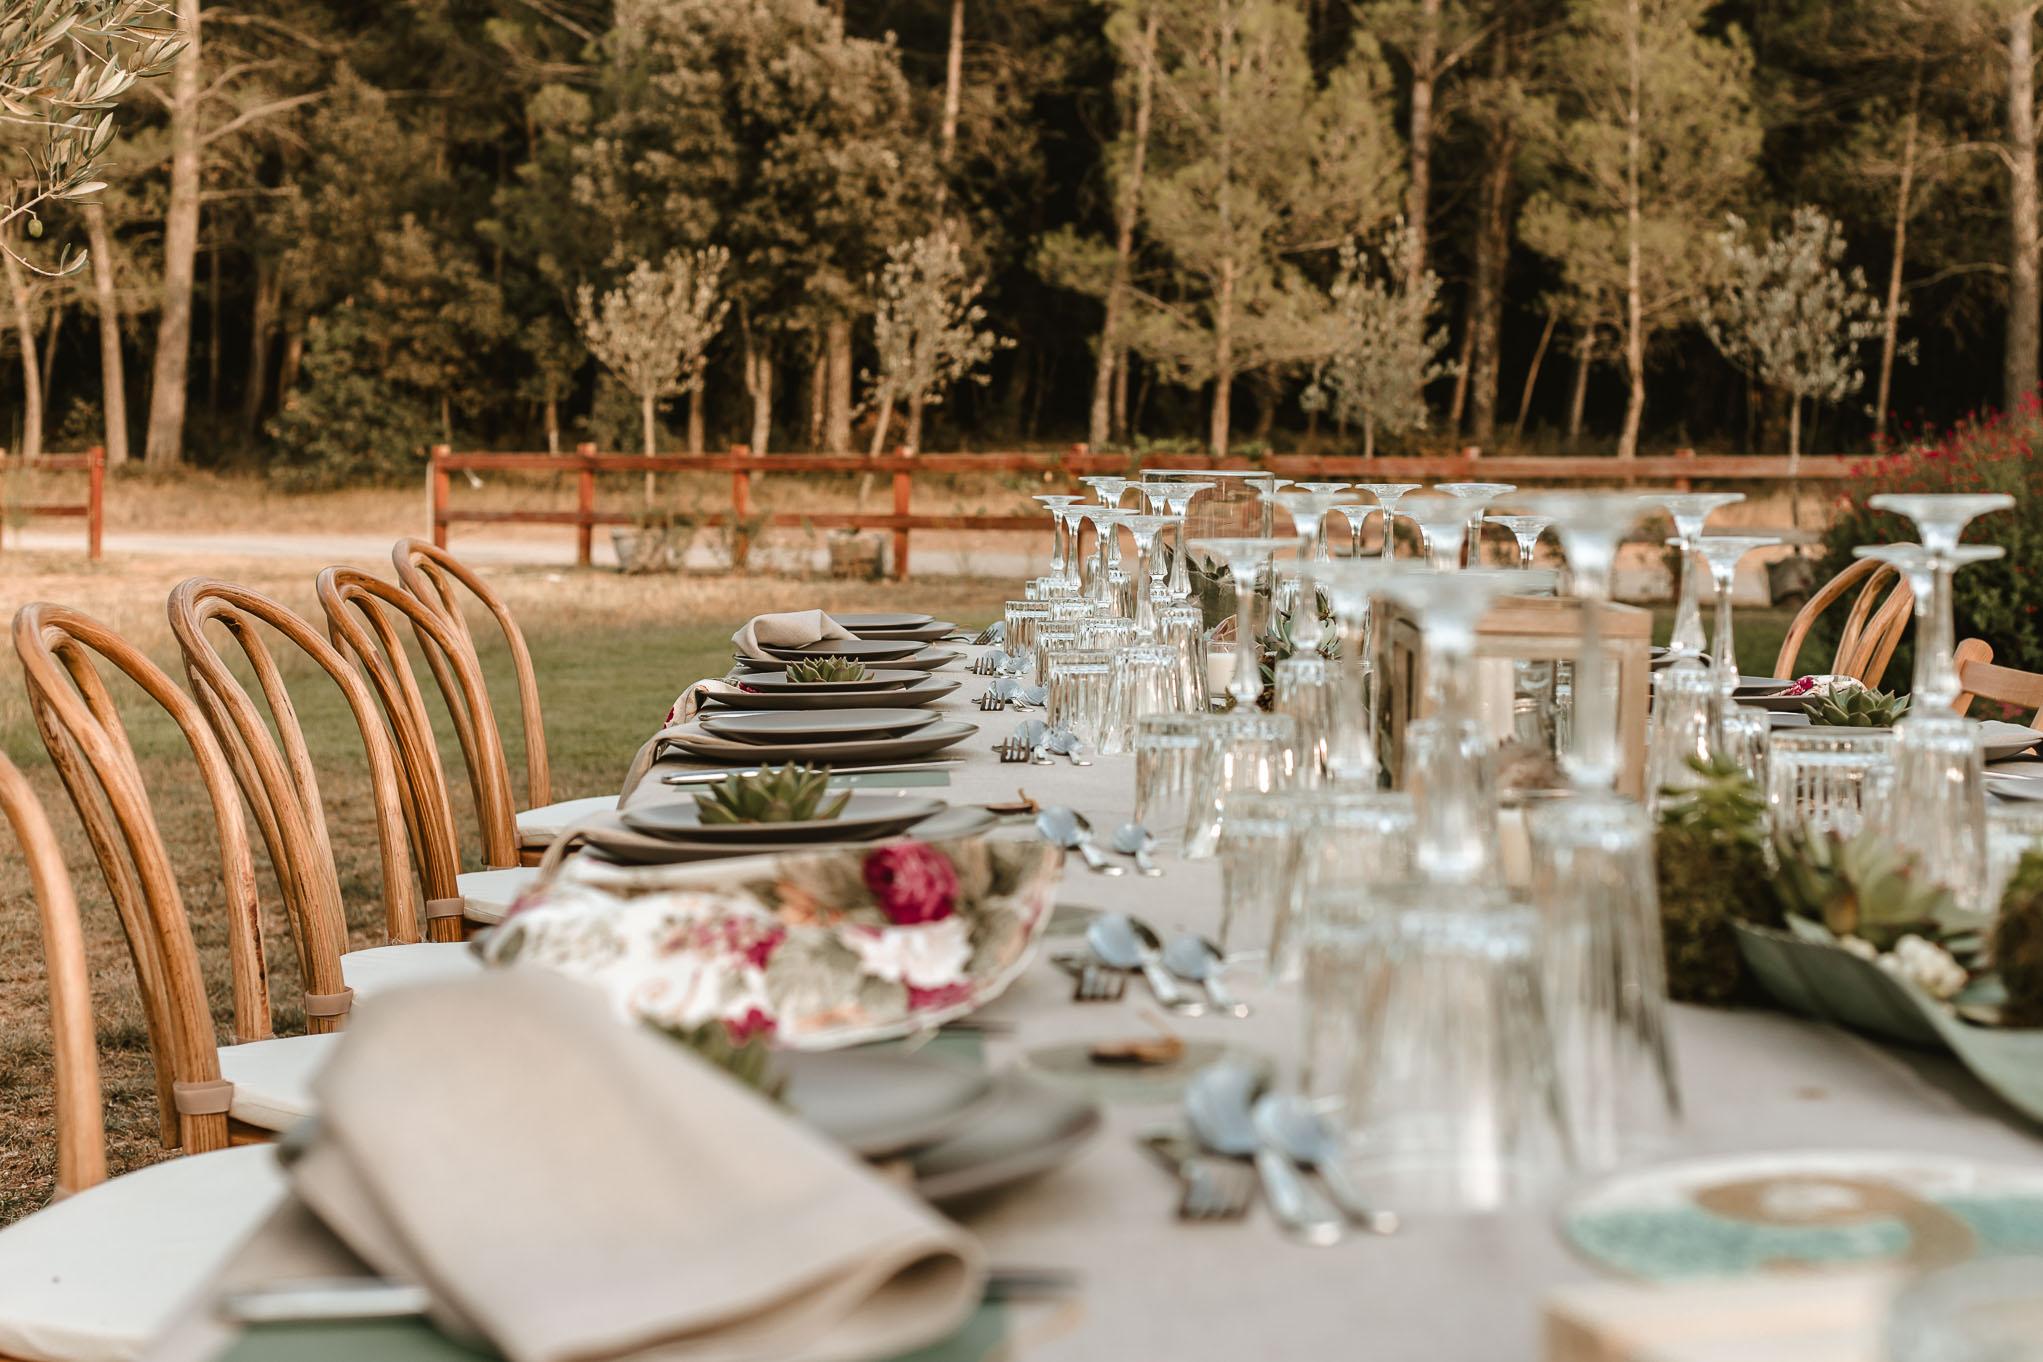 mesa de matrimonio - decoración de mesas de bodas-ideas mesas debodas